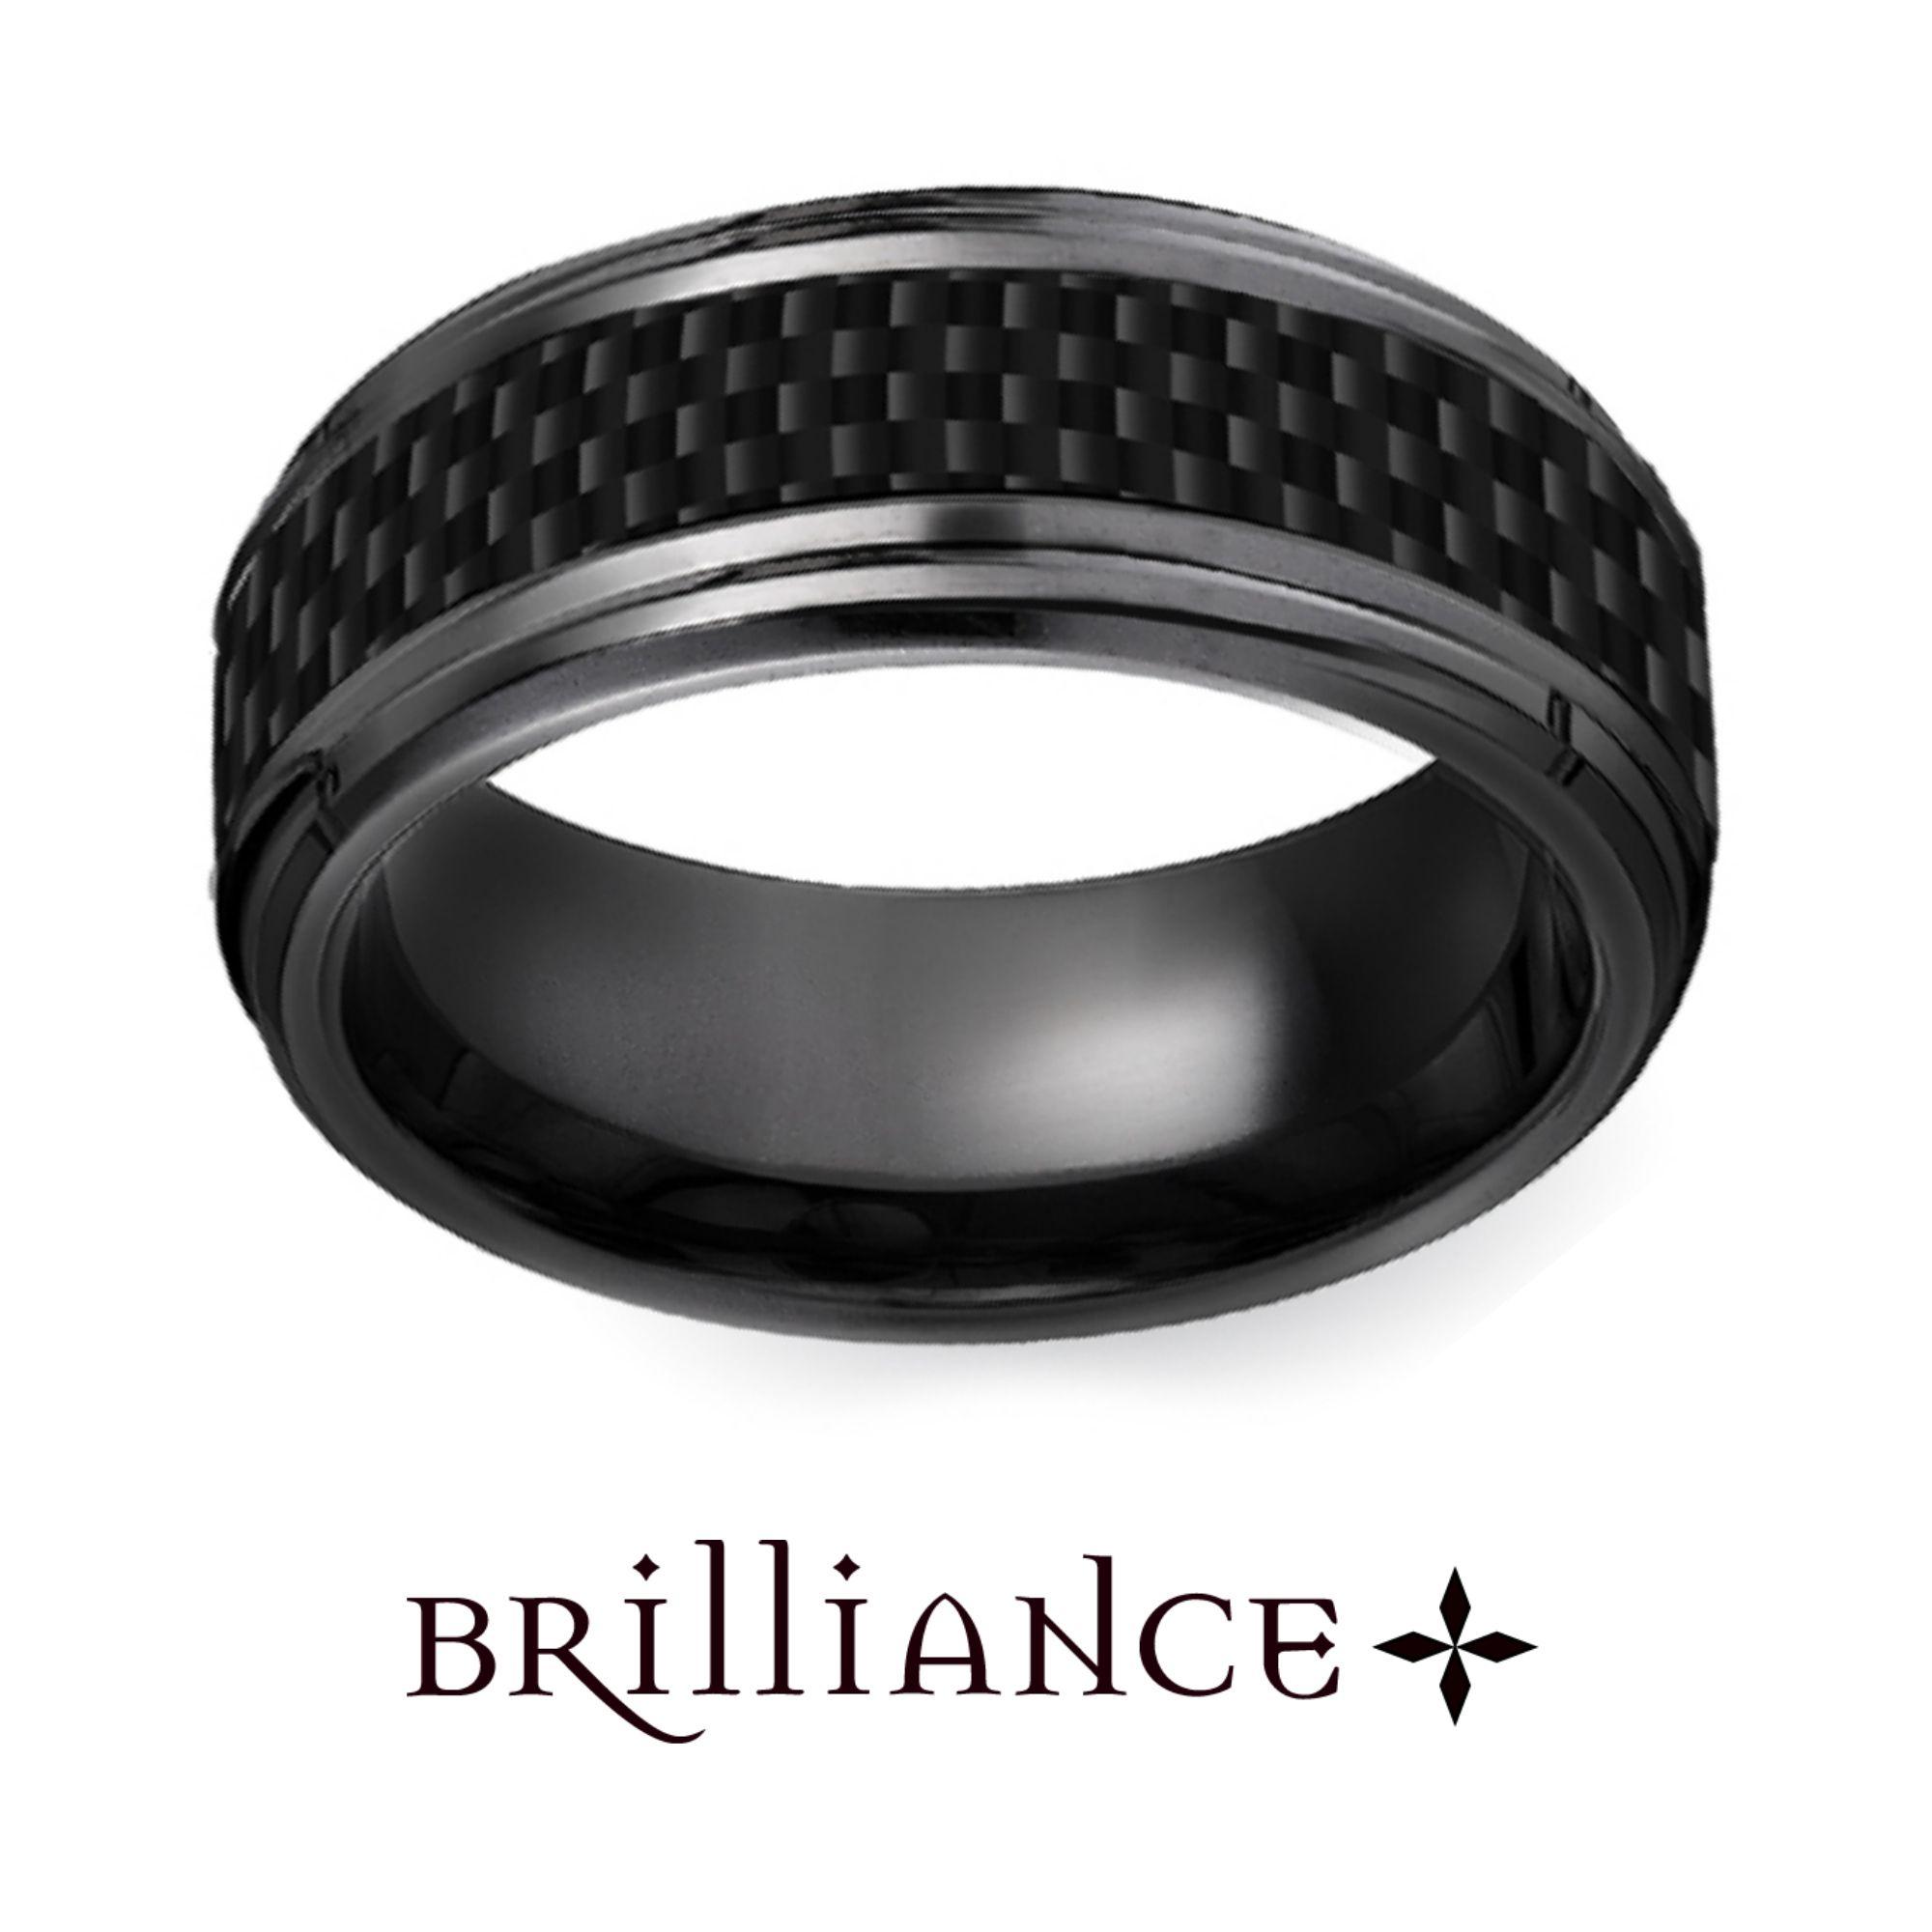 Beveled Carbon Fiber Men's Wedding Ring In Black Titanium